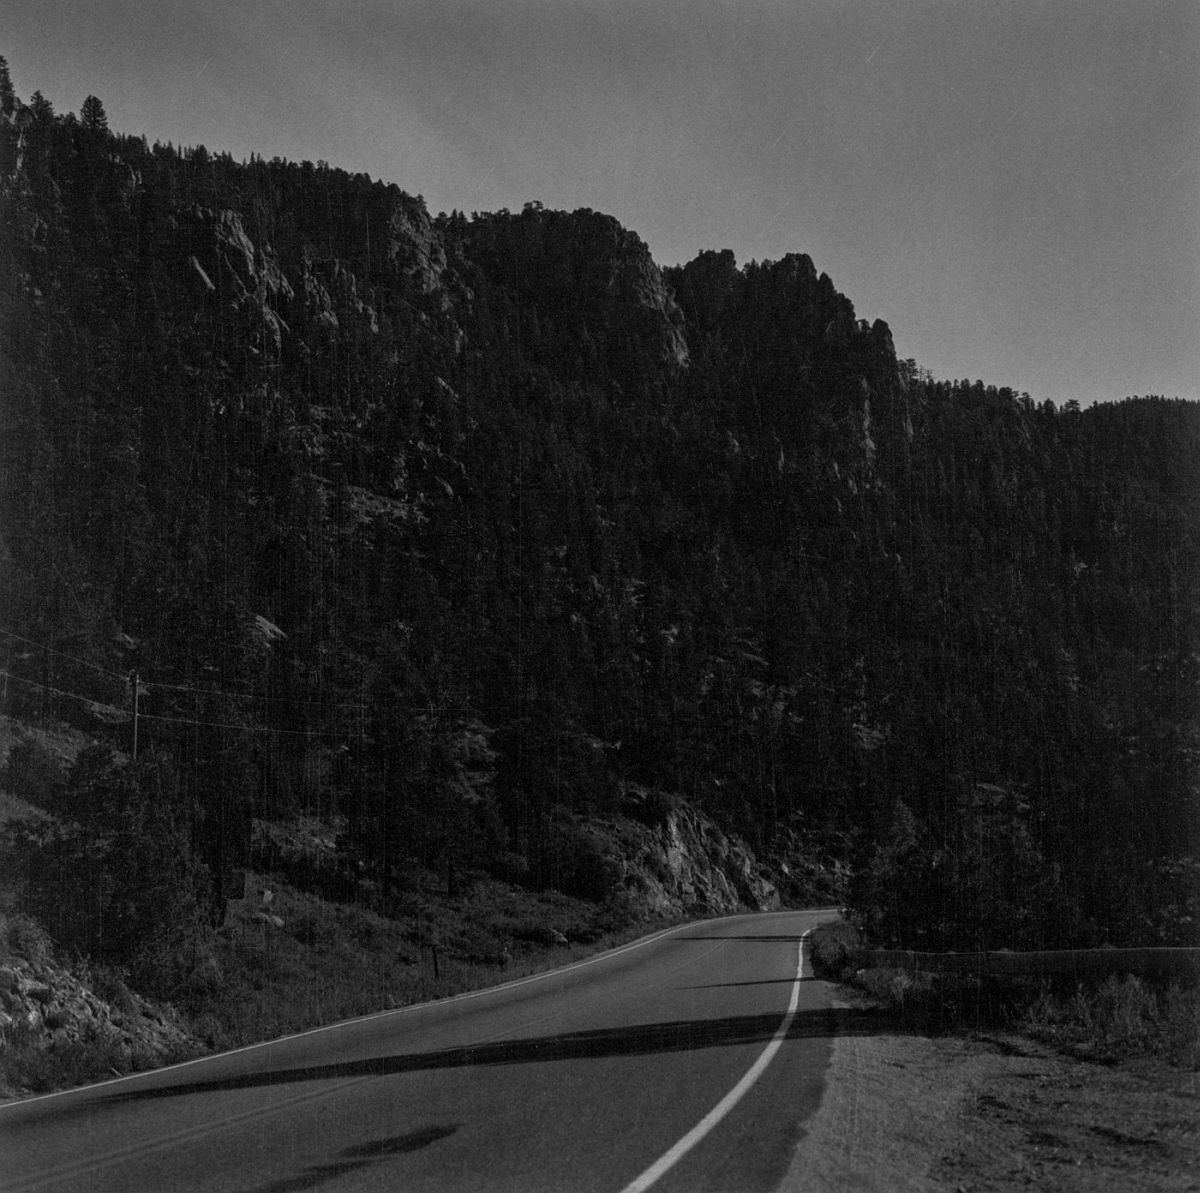 Larimer County, Colorado, 1AM, moonlight, 1981